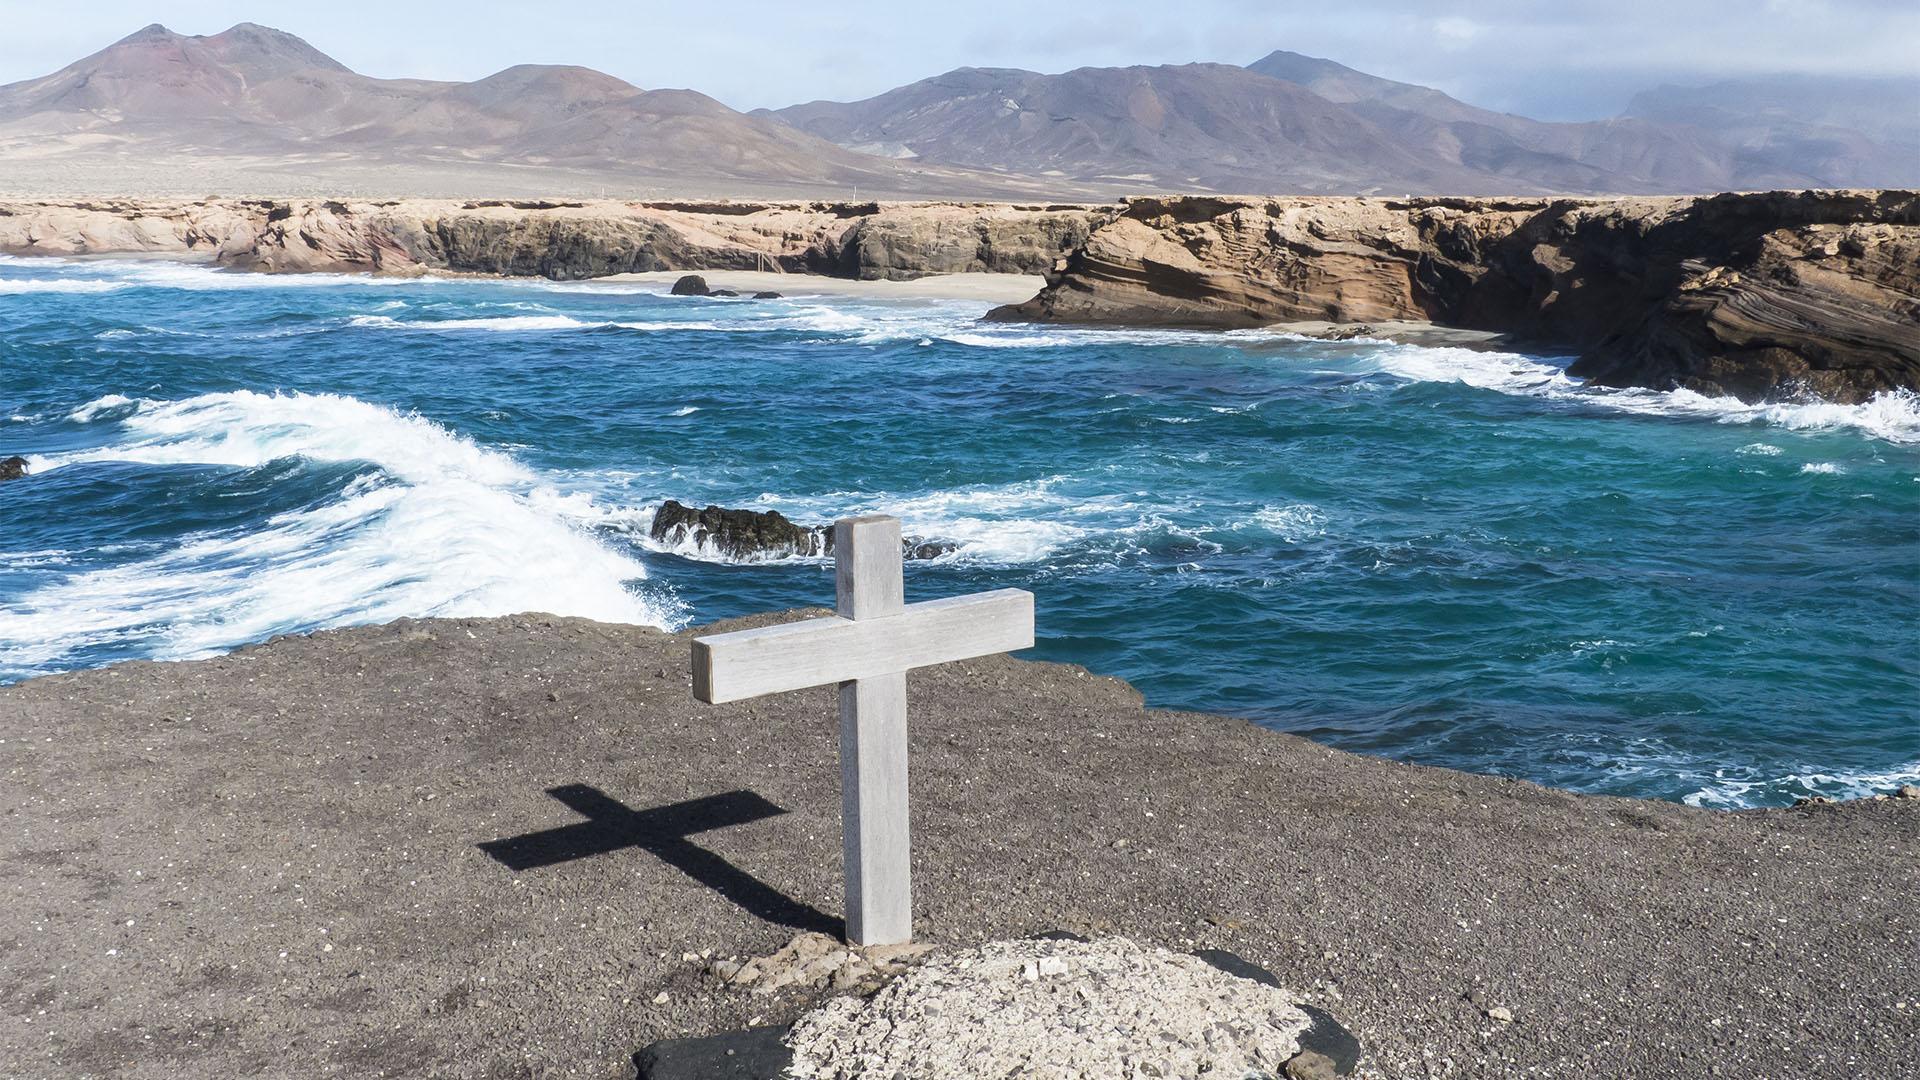 Die Strände Fuerteventuras: Playa de los Ojos.